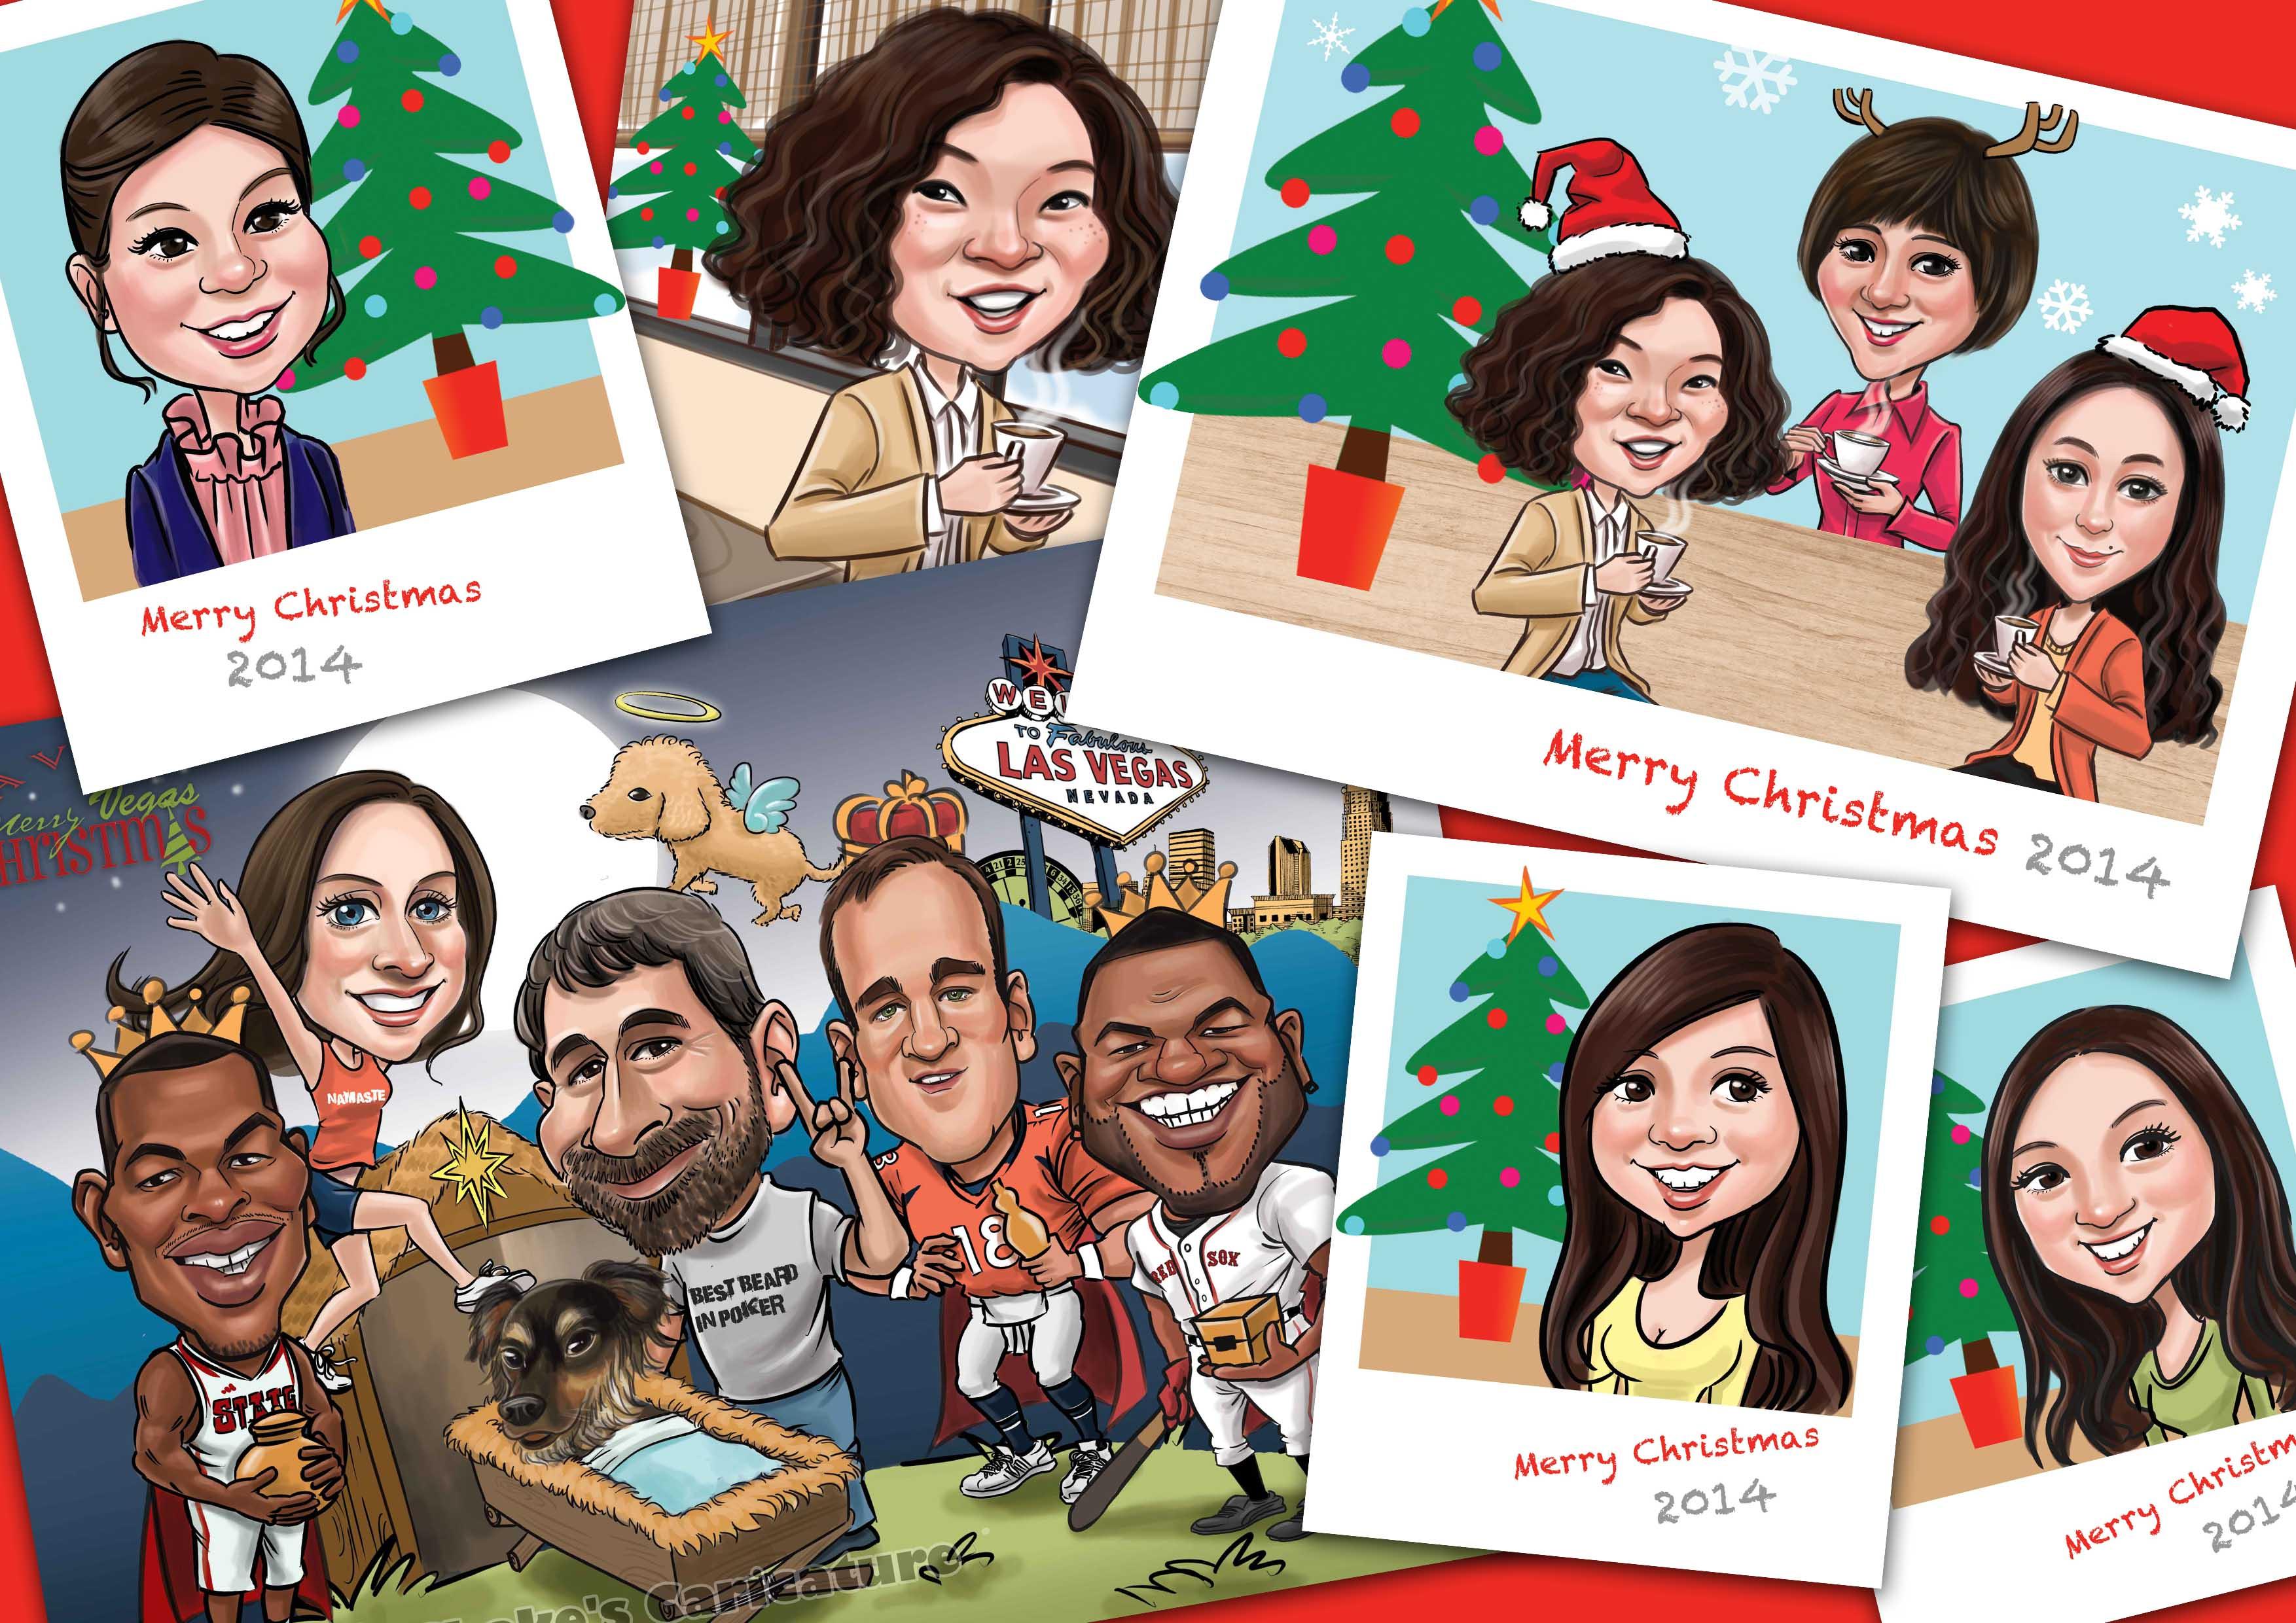 Merry Christmas | Shake\'s Caricature